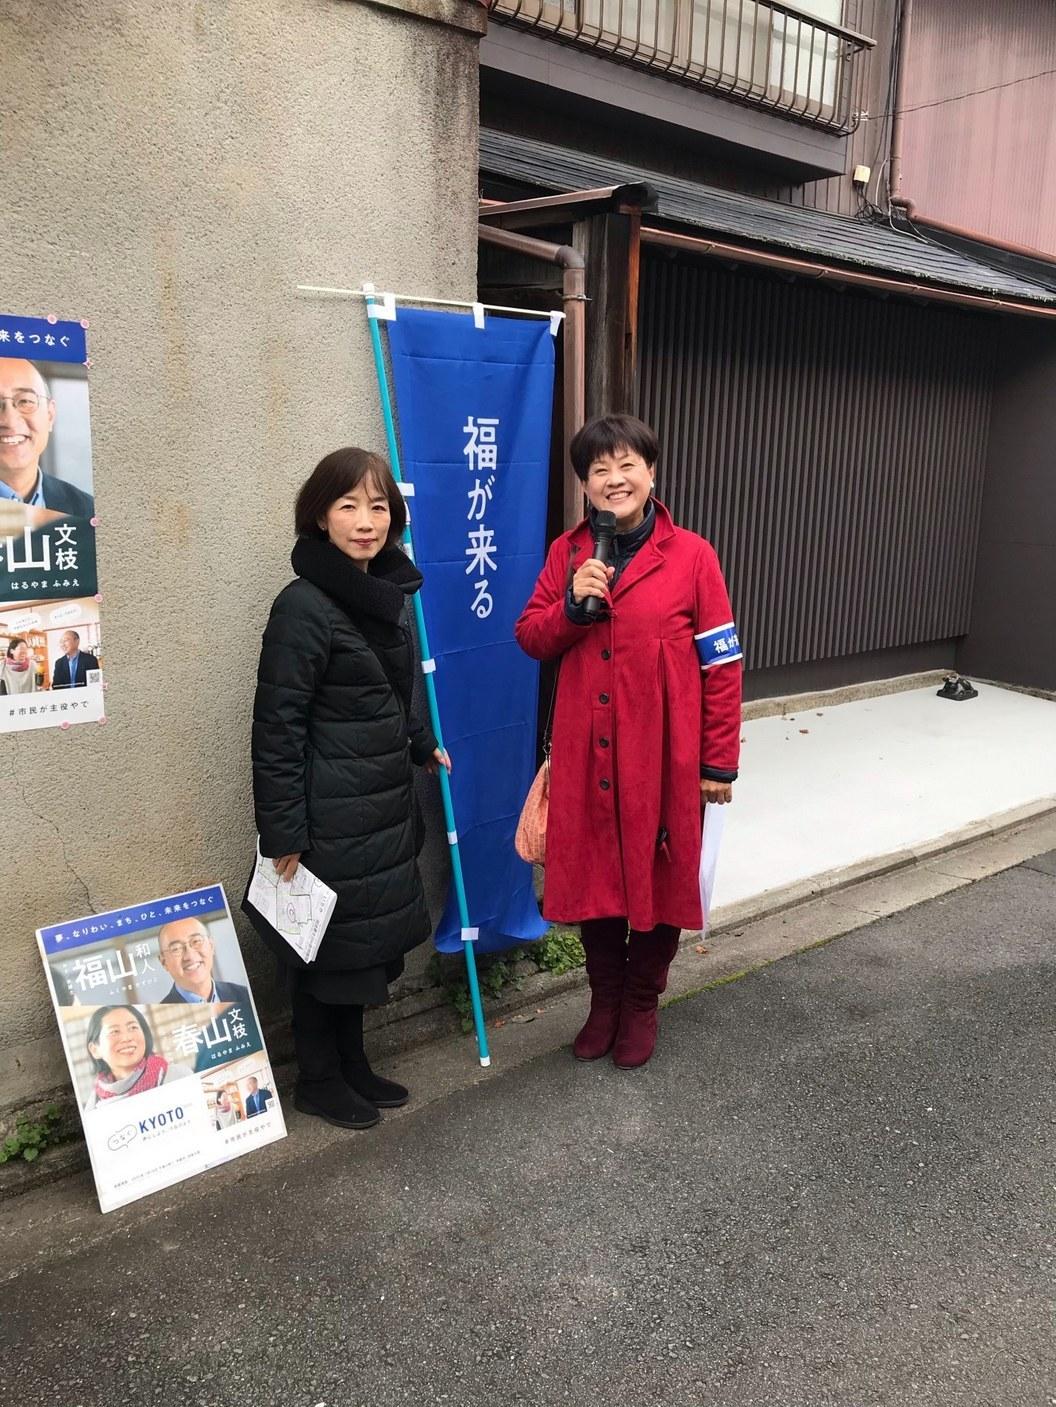 京都市長選挙19日からはじまります😊「すぐやるパッケージ」弁護士の福山かずひとさん、良いんじゃない🎵_f0061067_23450811.jpg